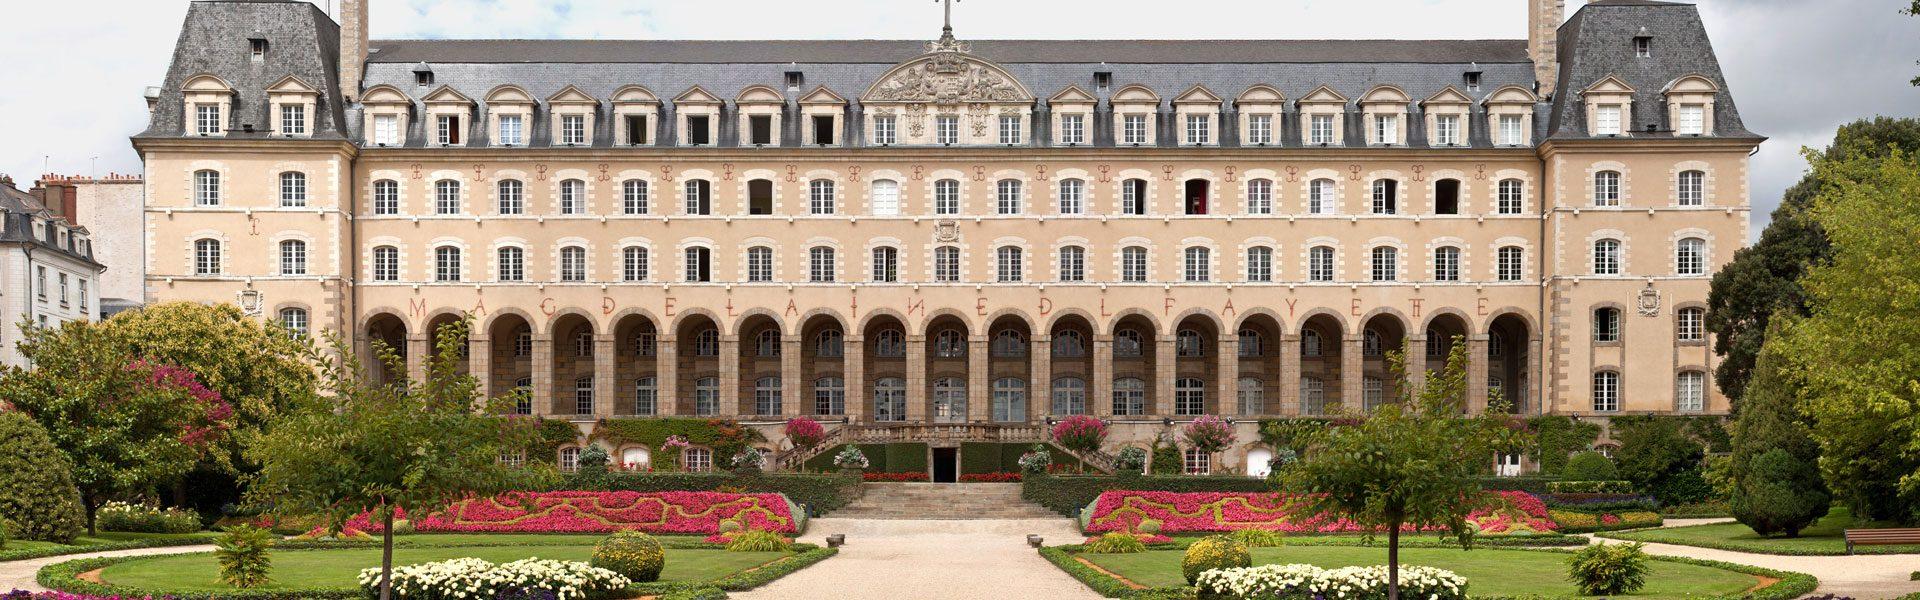 Palais Saint-Georges, Rennes por Julie Anne Workman